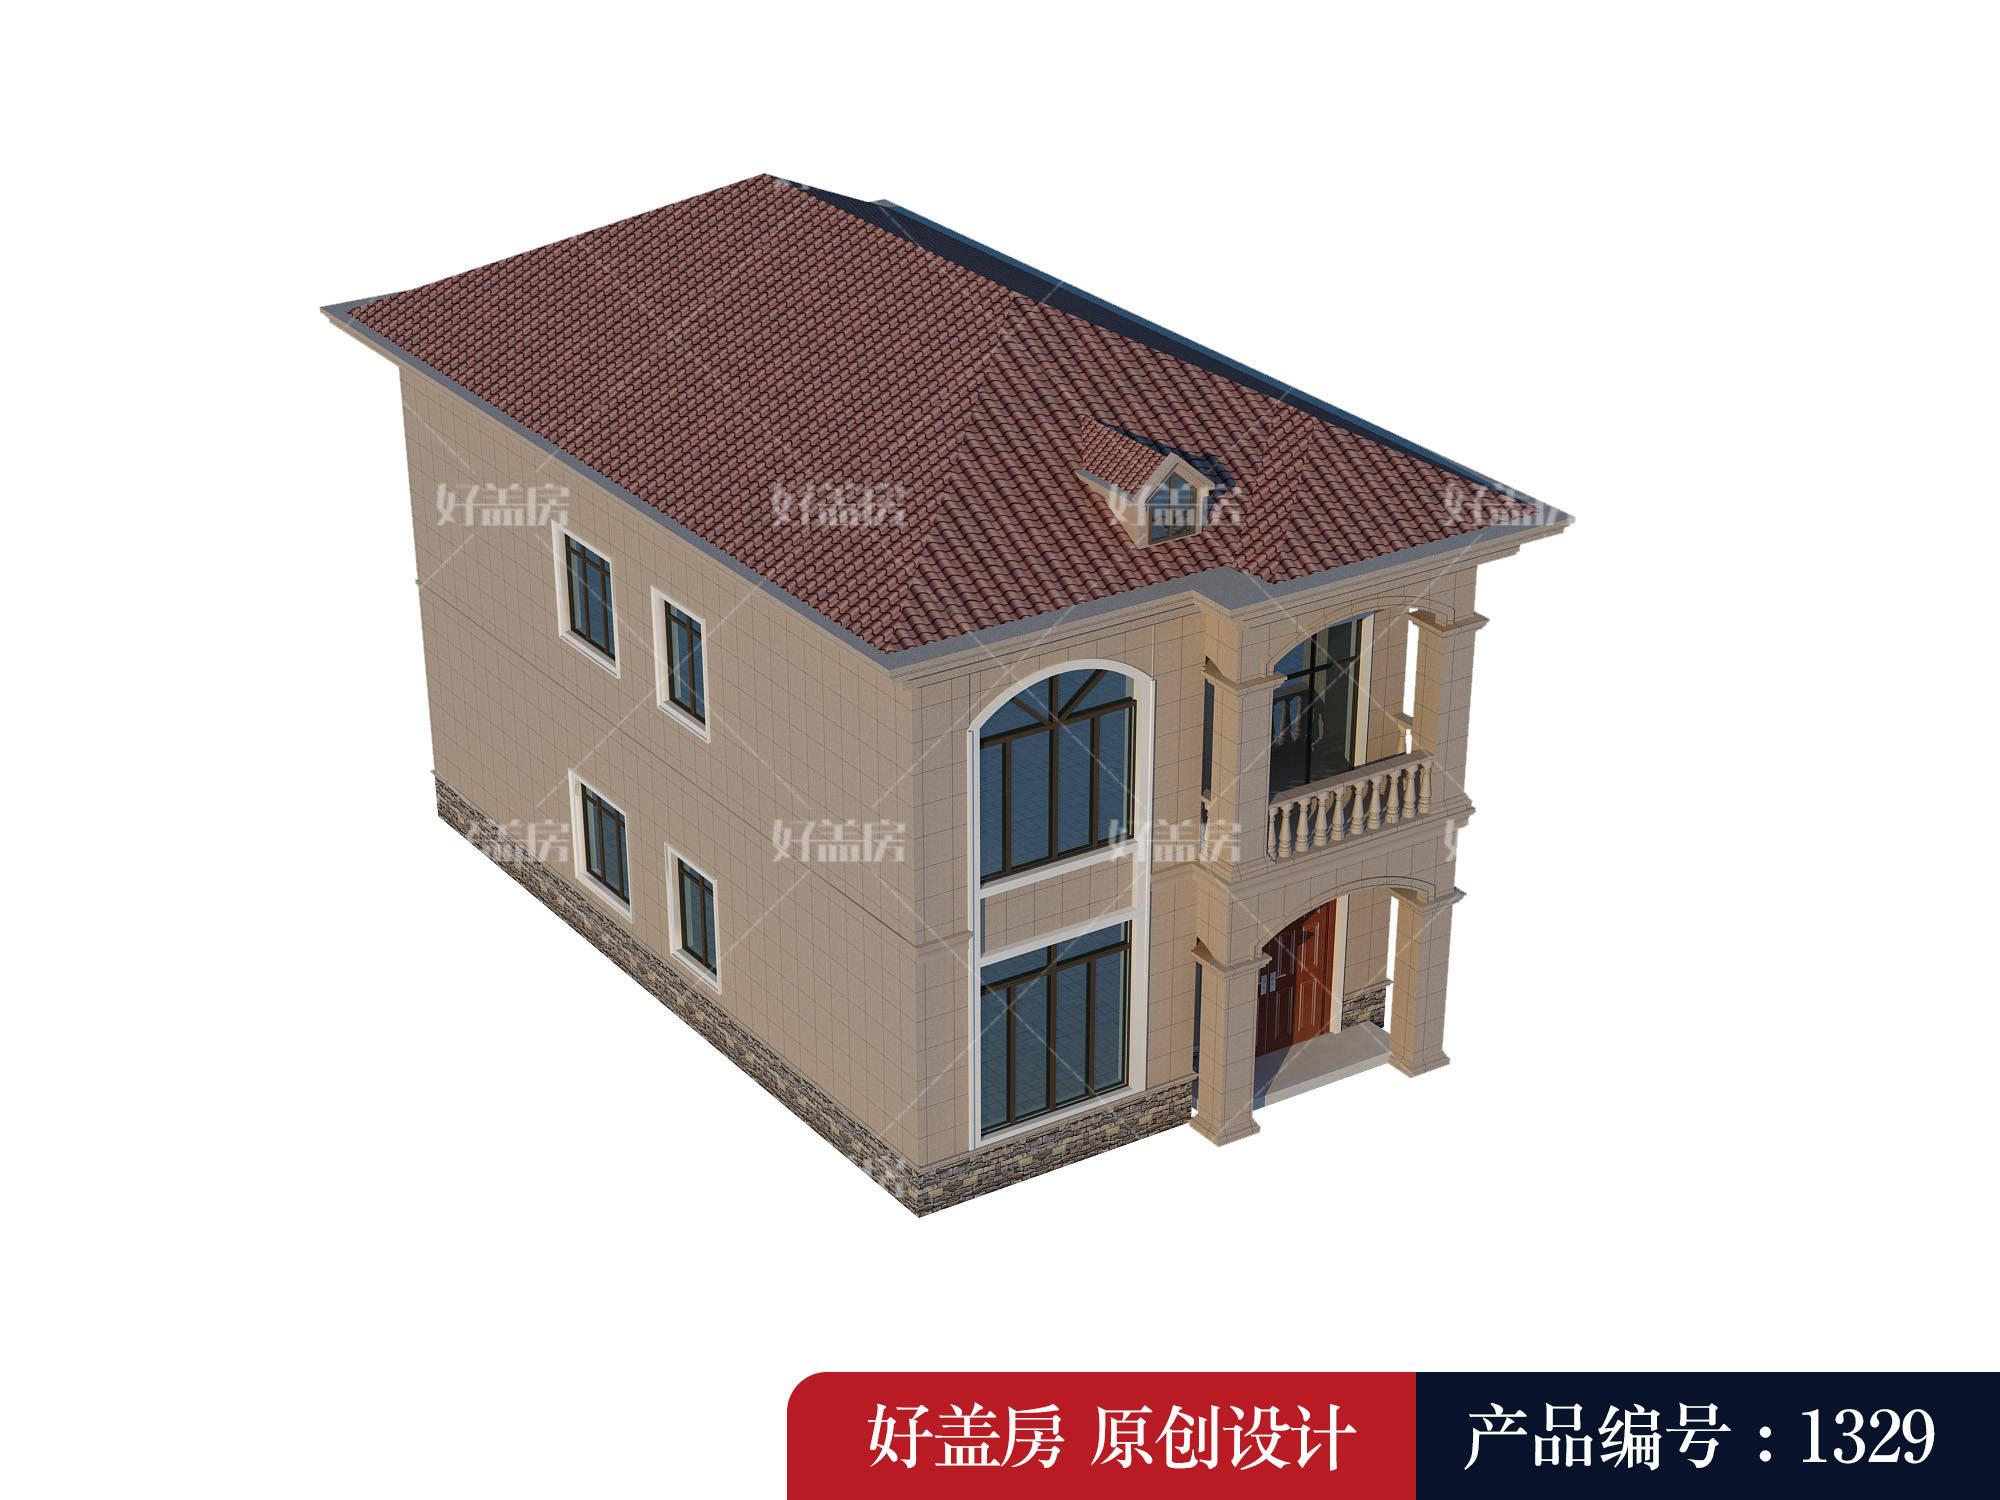 两间房子设计图 农村